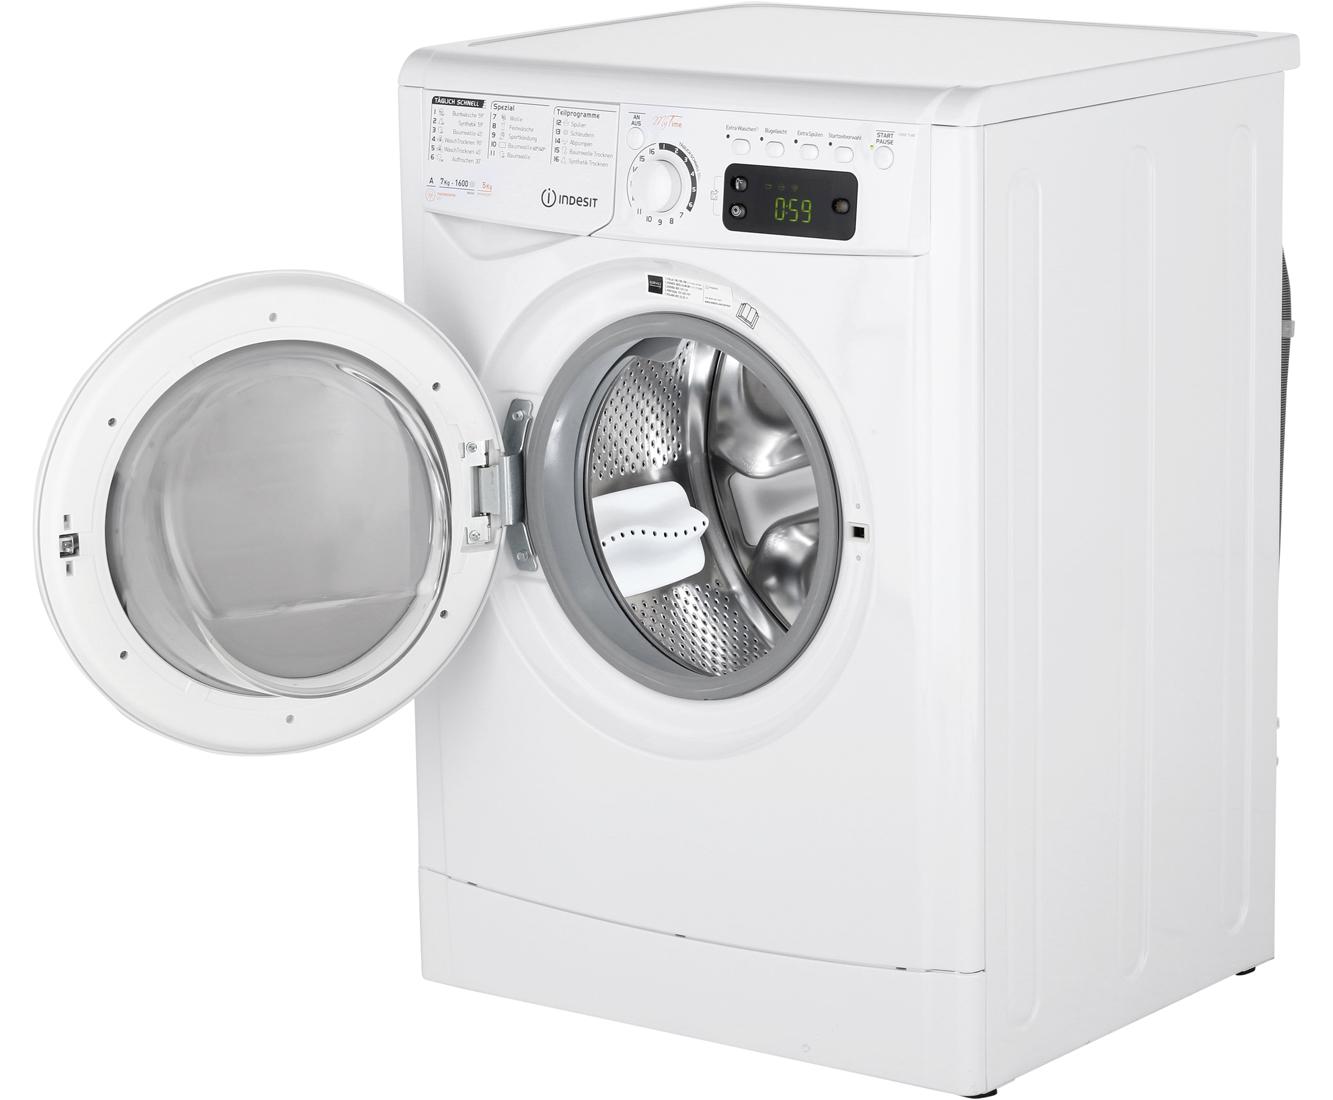 Indesit ewde w de waschtrockner freistehend weiss neu ebay